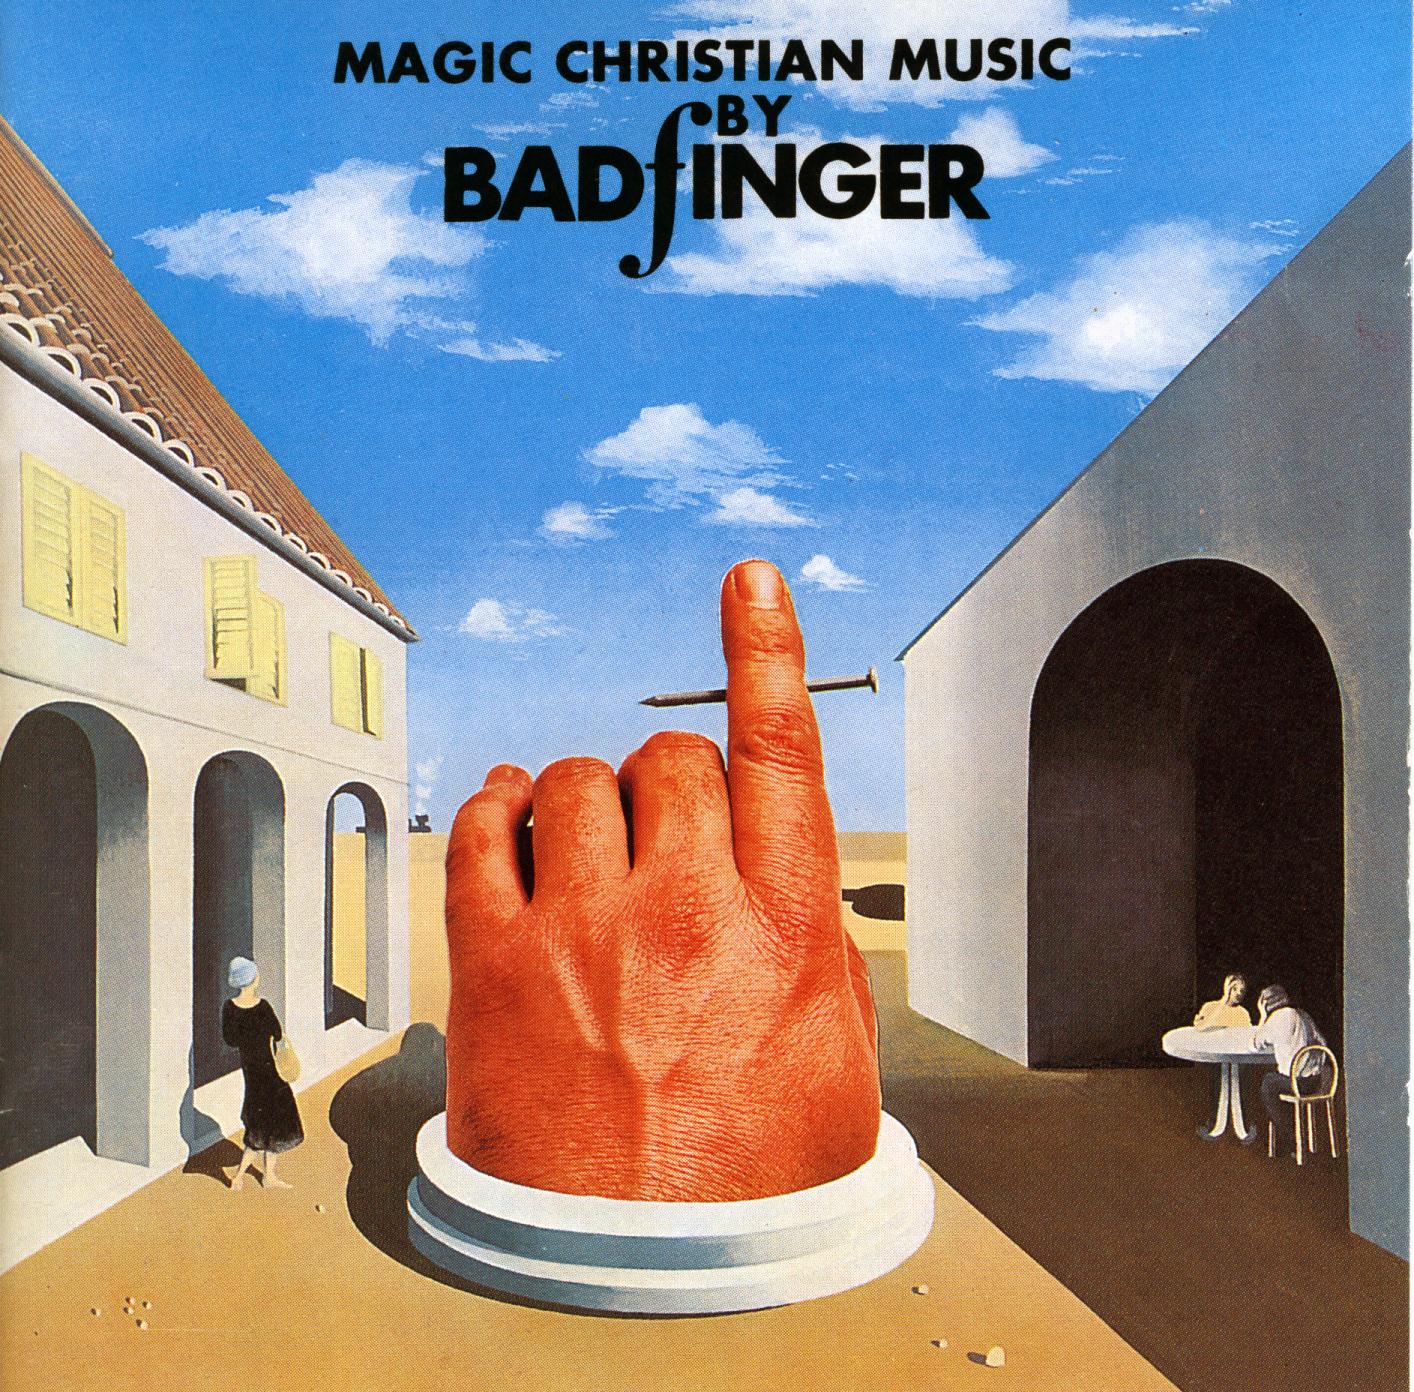 badfinger_magic_christian_music_1970.jpg